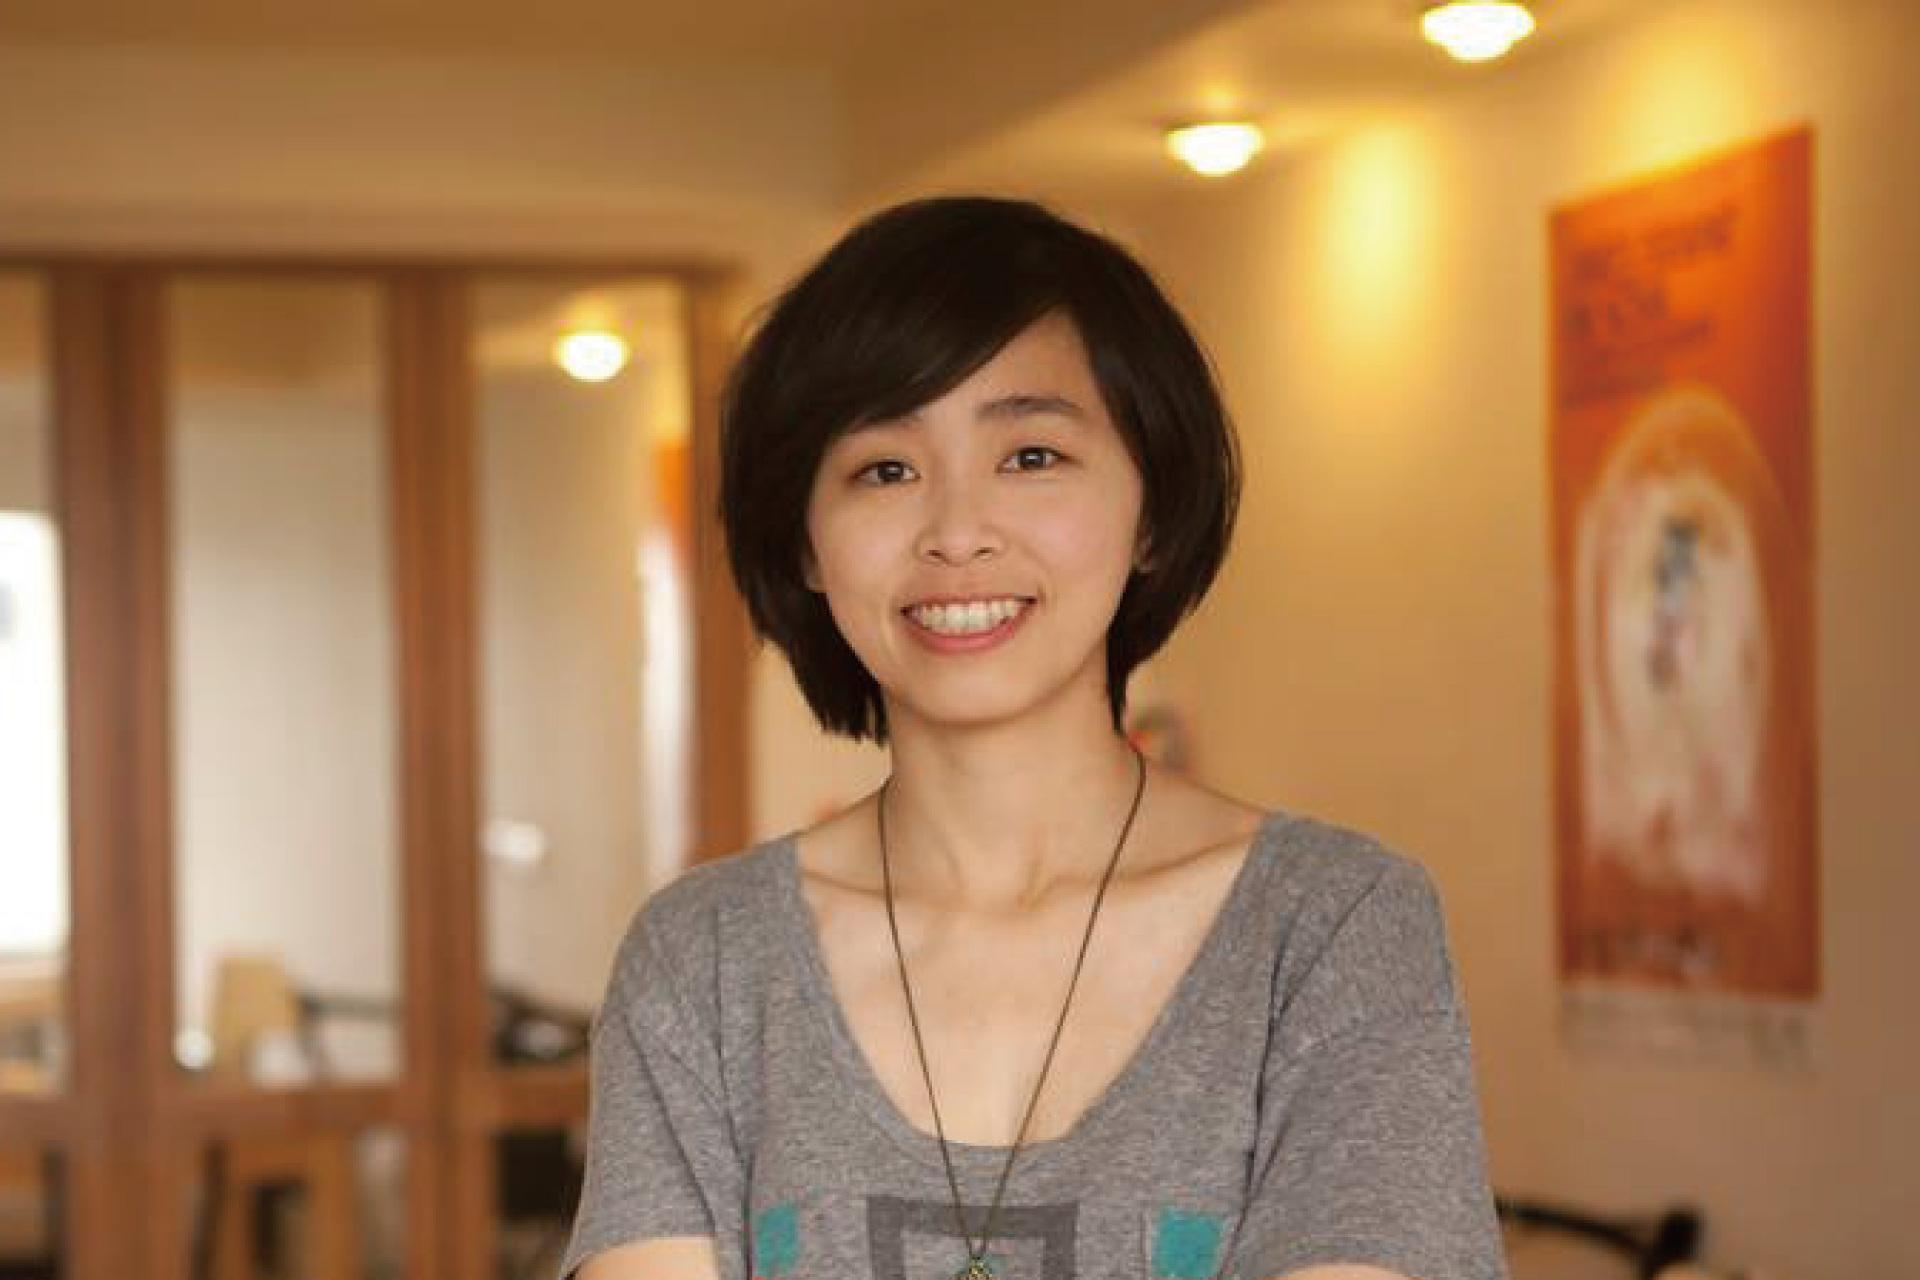 站上國際舞台的紀錄片:《自造者世代》製作人及剪接師 Iris Lai